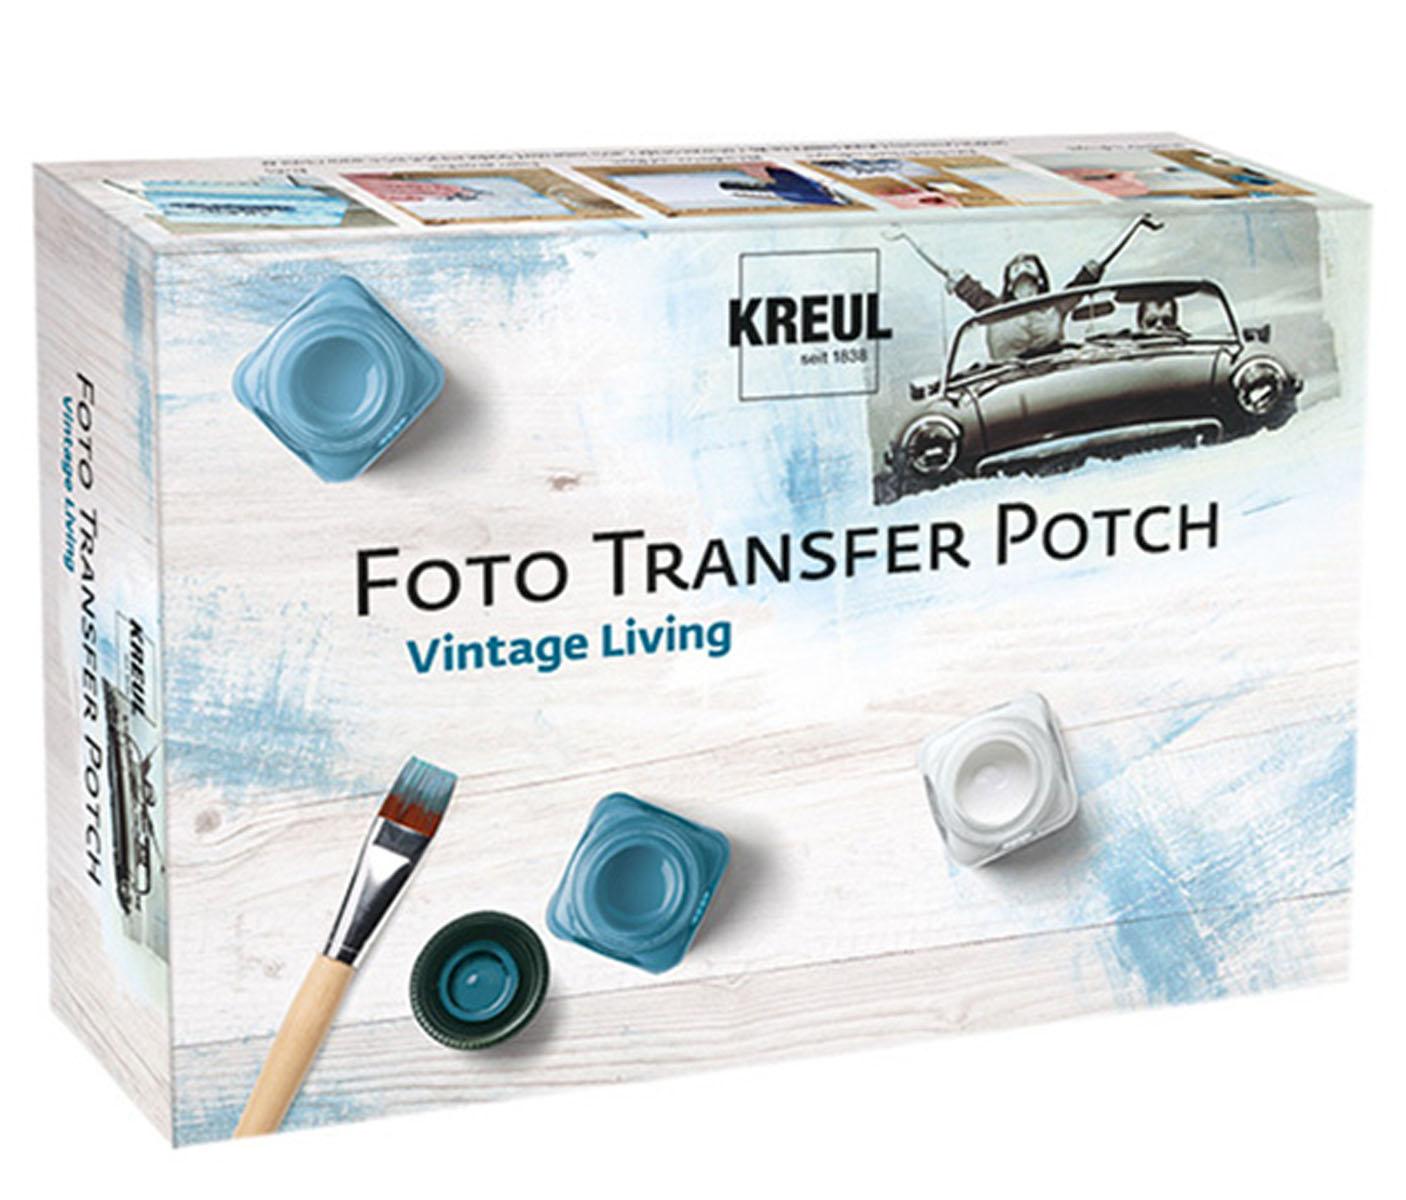 Набор-трансфер для творчества Kreul Potch. KR-49990KR-49990Для переноса фотографий, статей из газет, изображений из журналов, распечатанных на лазерном принтере практически на любую поверхность, в том числе на все виды тканей. В набор входит 1 Фото Трансфер POTCH 50 мл, 1 лак глянцевый на водной основе 50 мл, 1 синтетическая кисть, 1 скребок, инструкция.